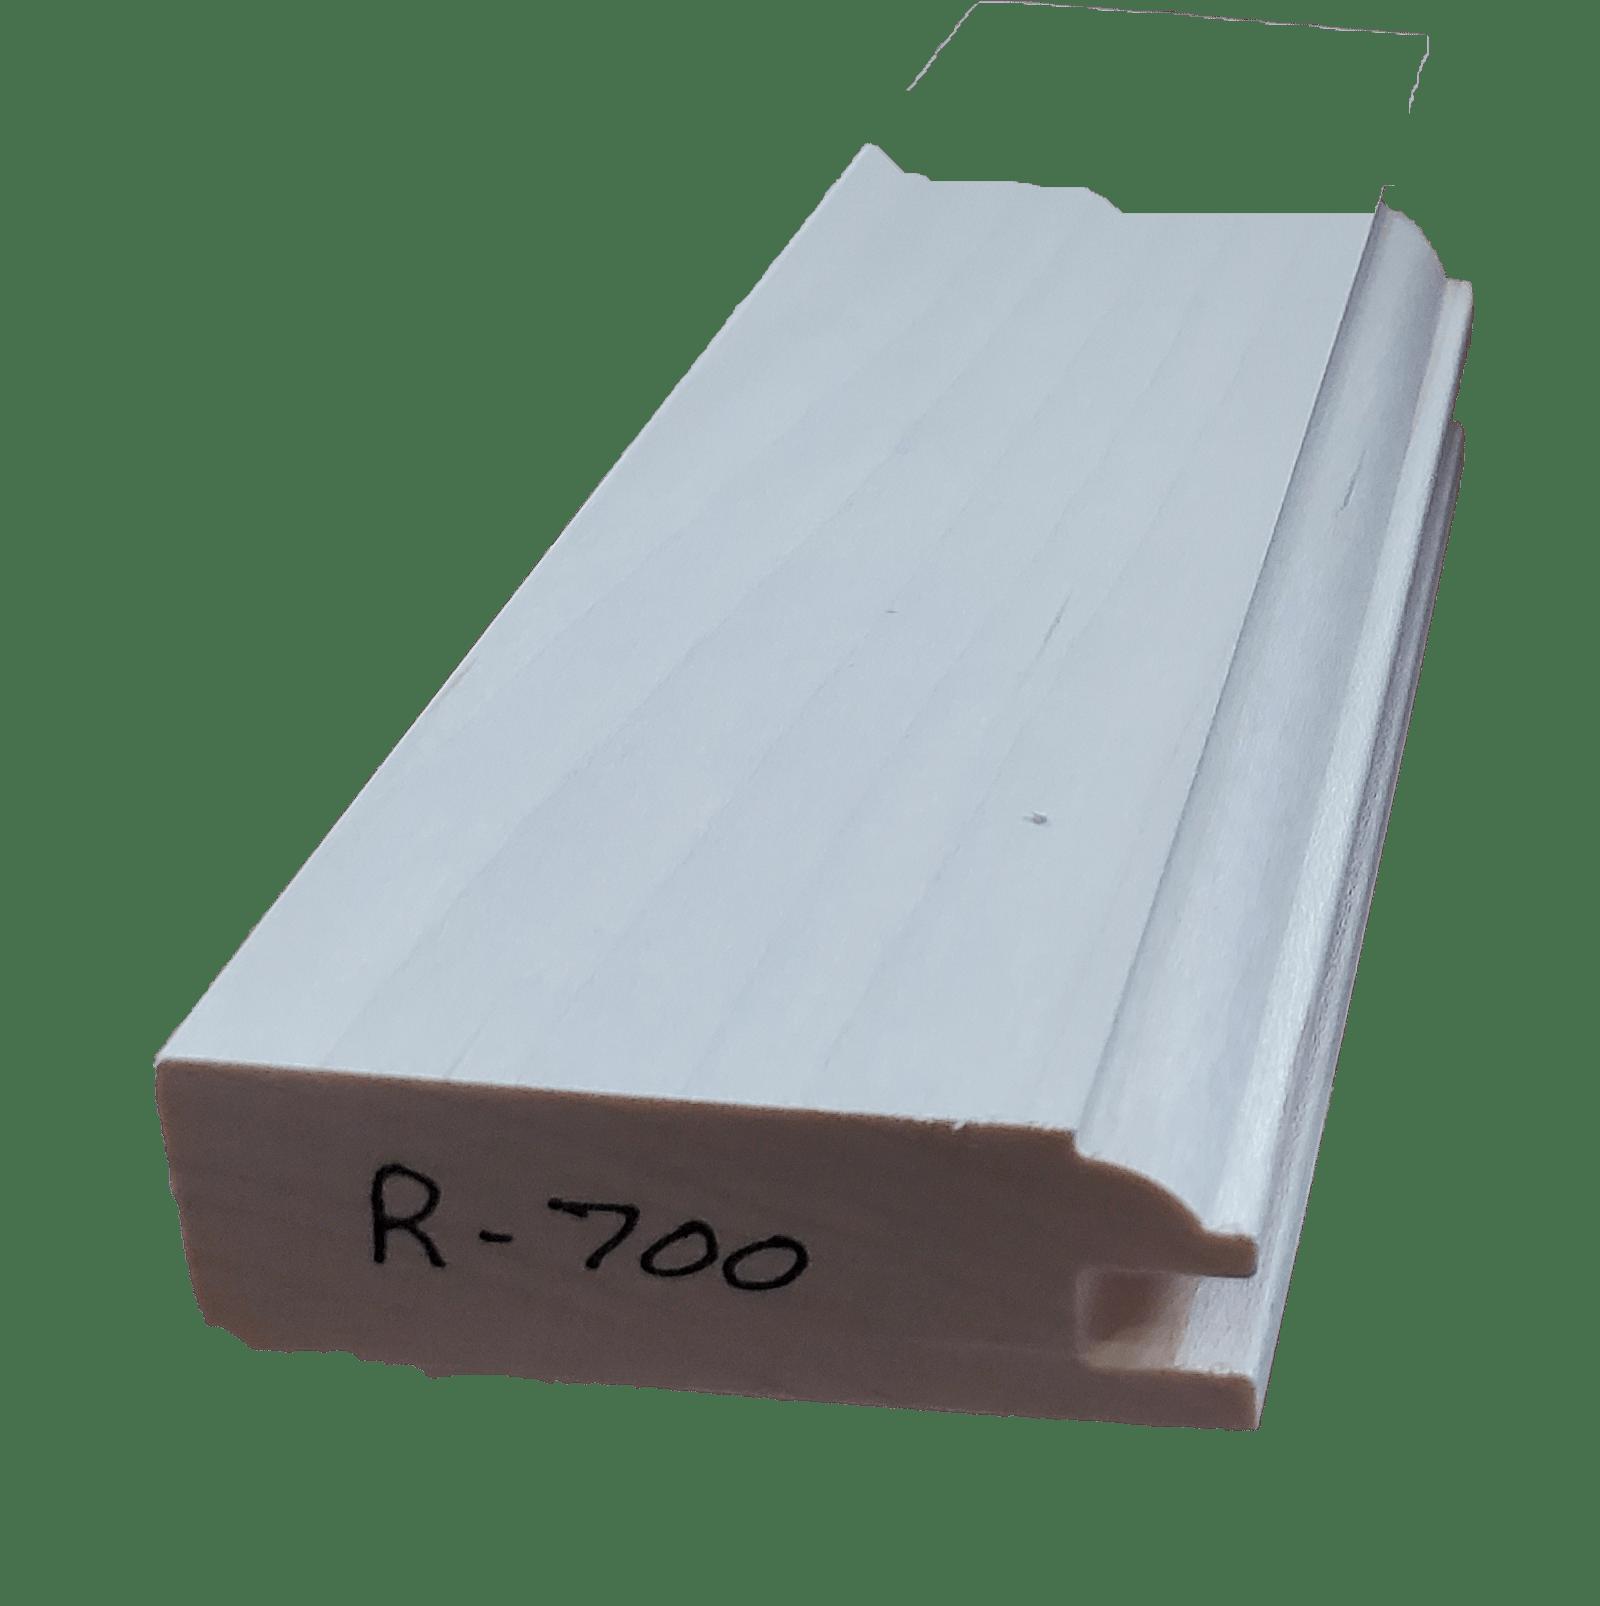 P R 700